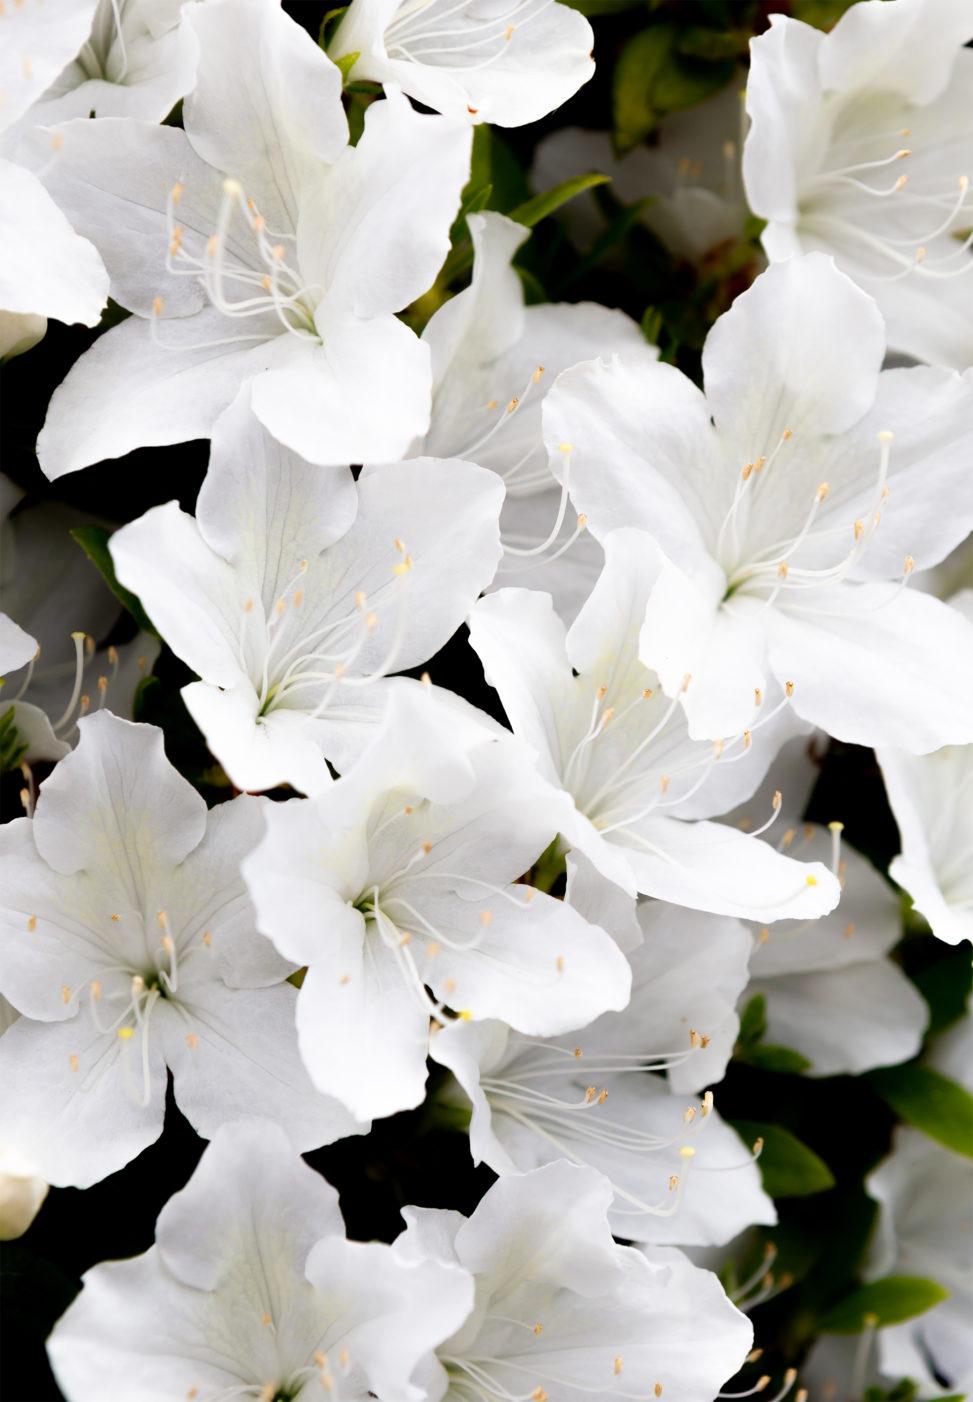 白いツツジの花04 無料の高画質フリー写真素材 イメージズラボ